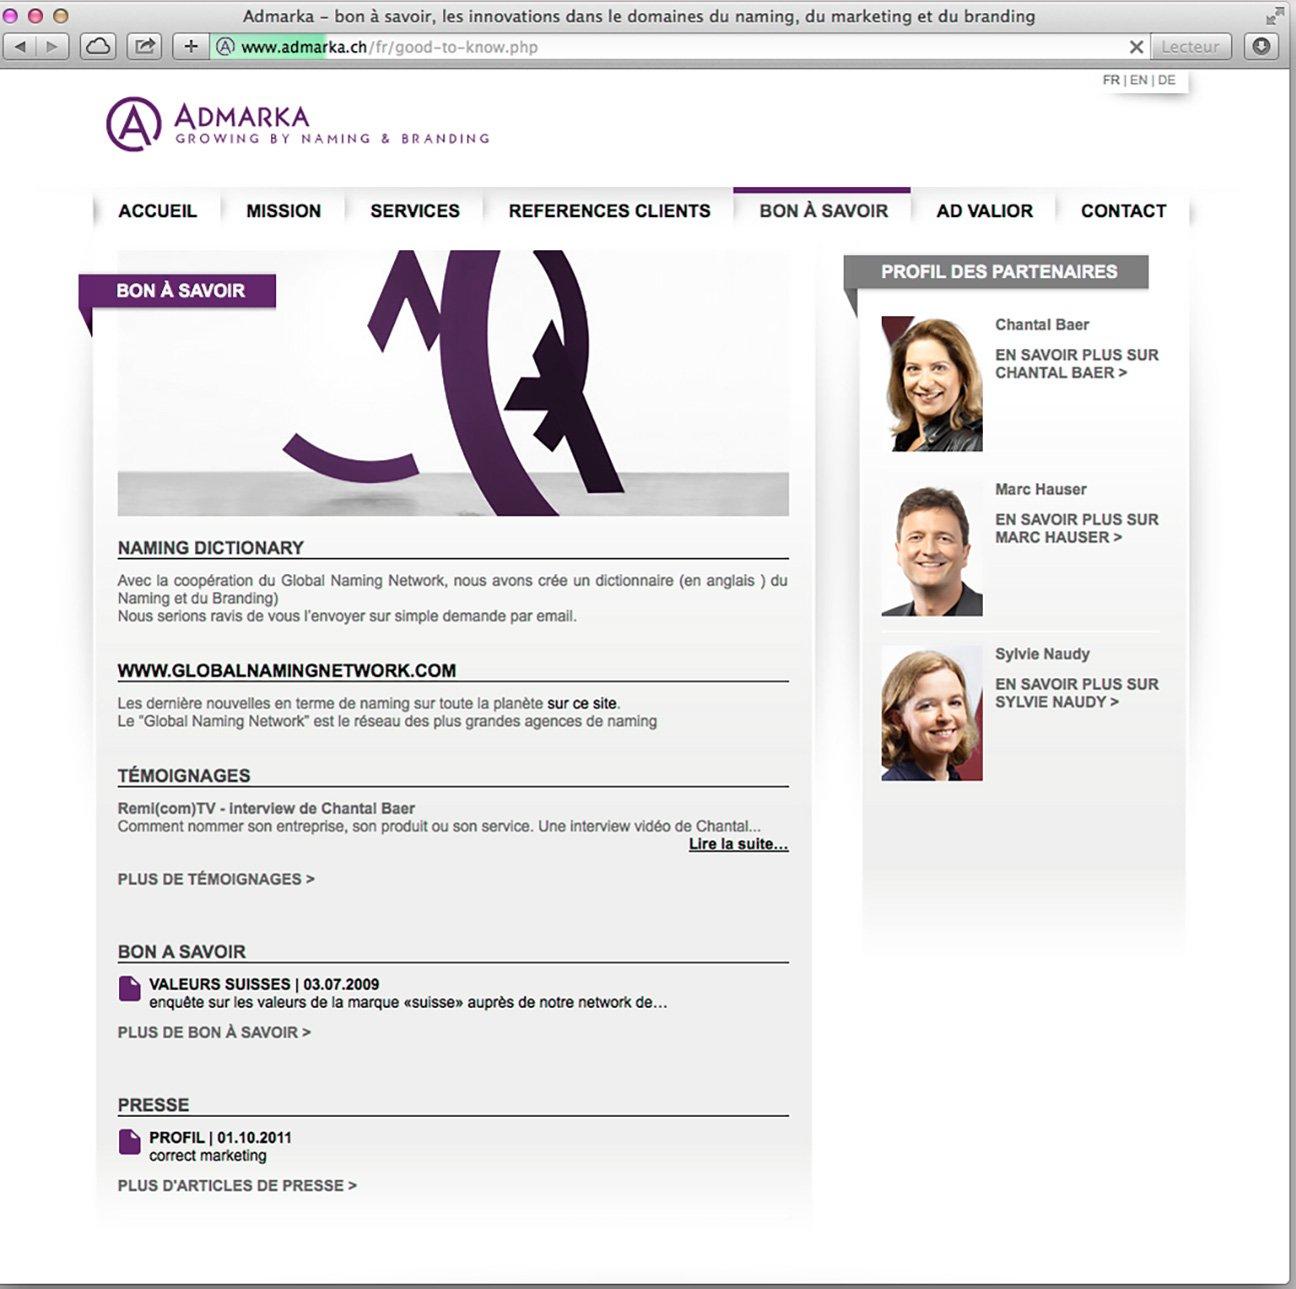 FabienCuffel_Communication-Visuelle_Photographie_Edition_Graphisme_genève_admarka_site-internet